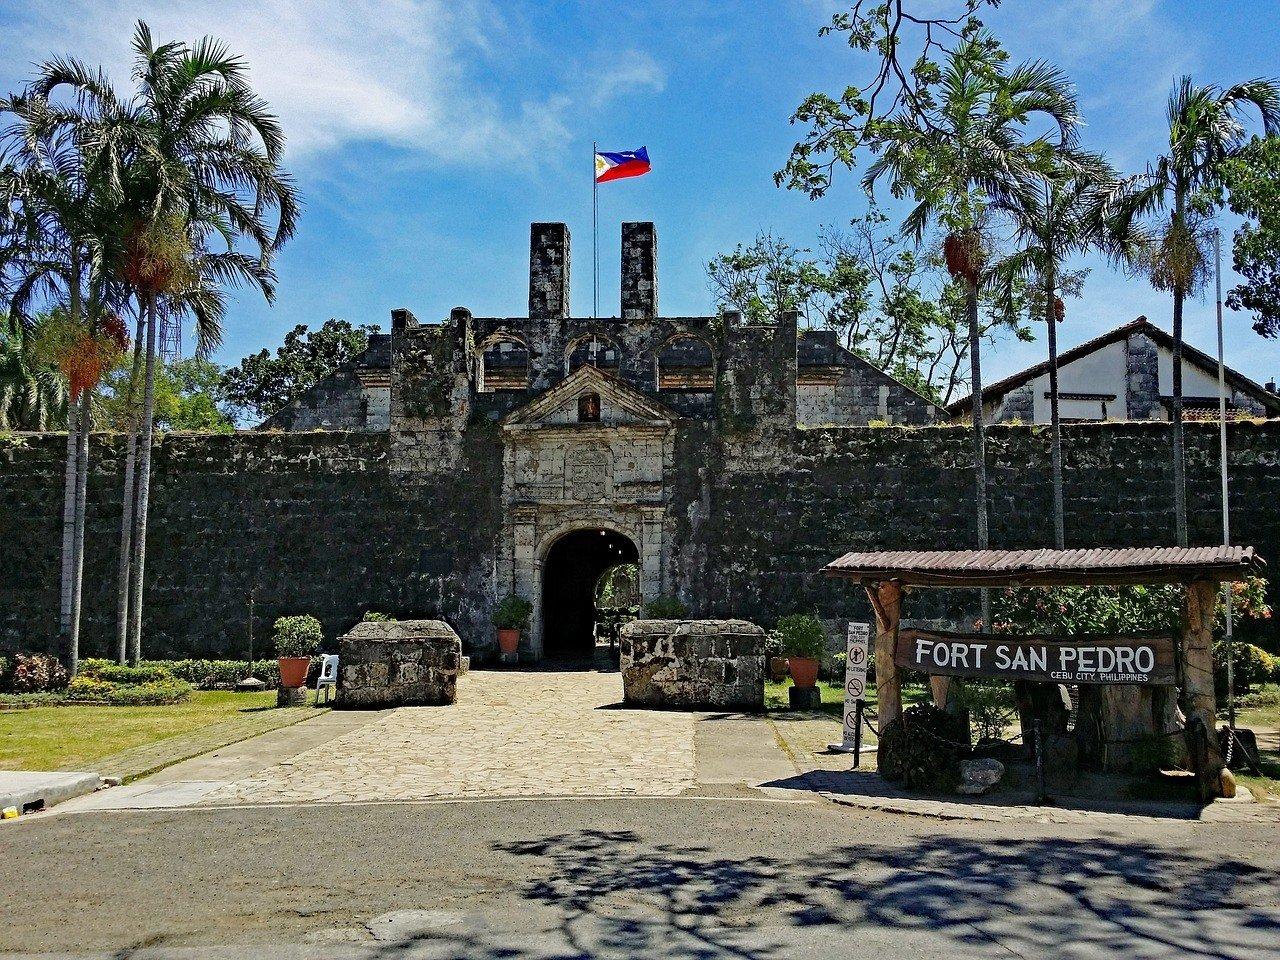 Cebu City, Cebu